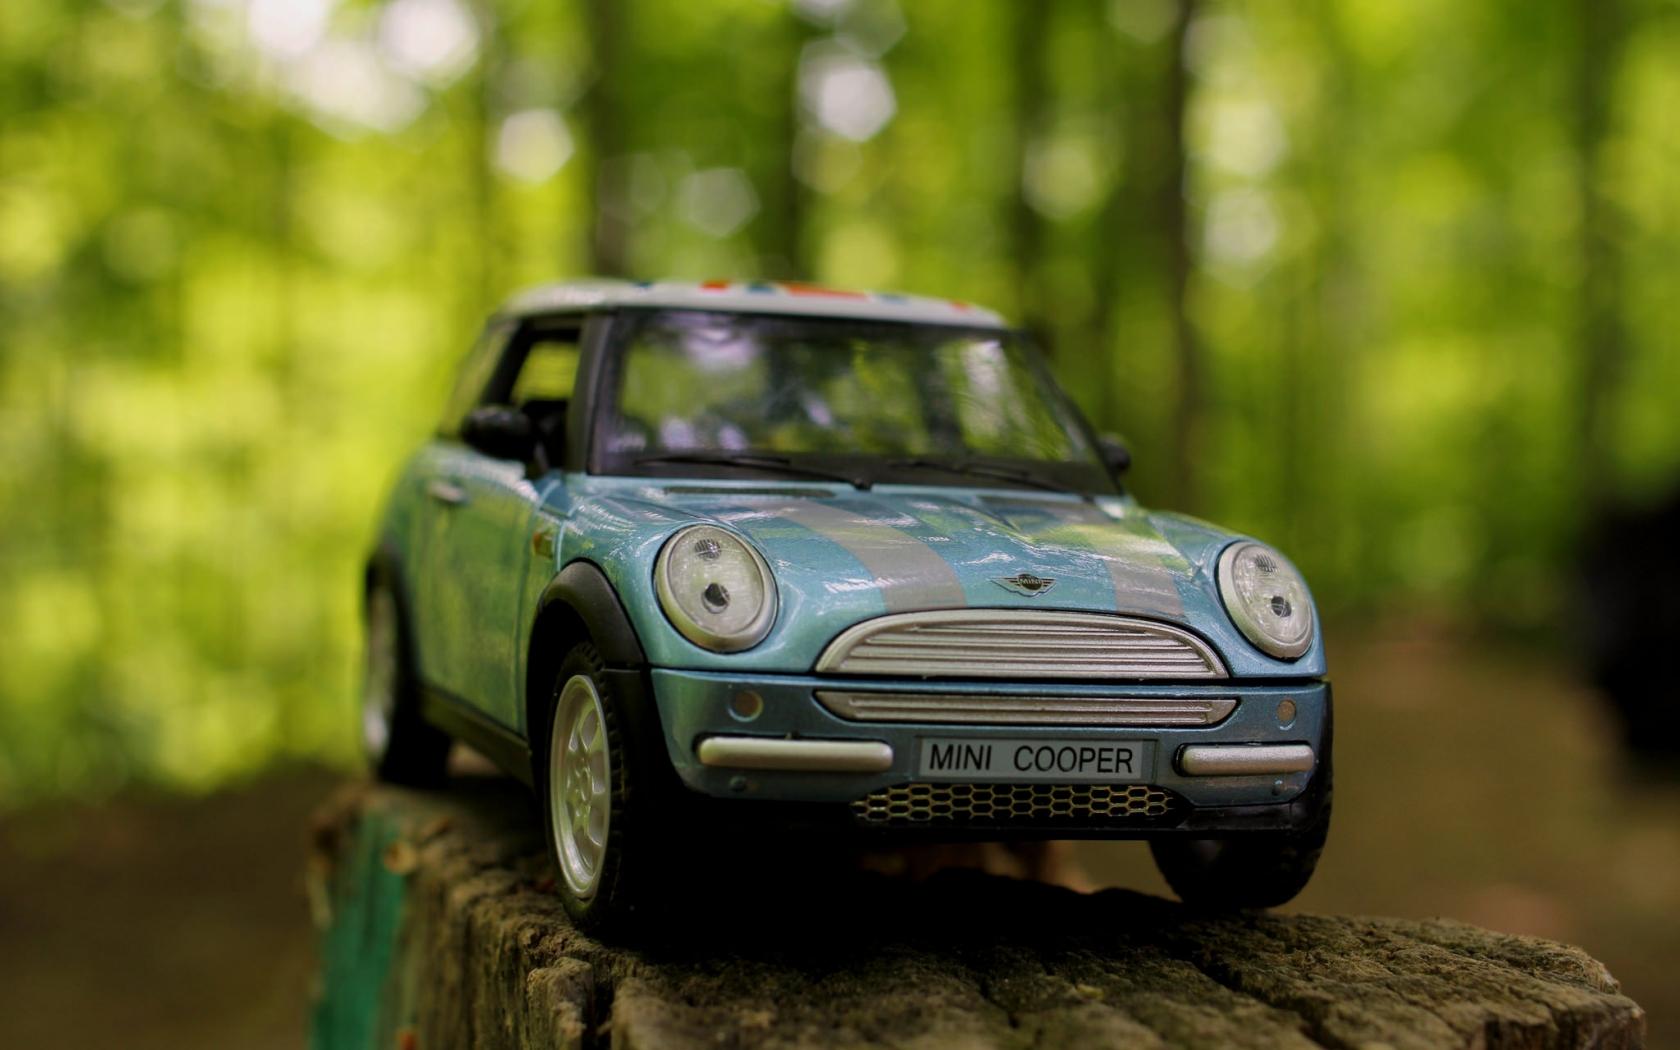 Un mini cooper de juguete - 1680x1050